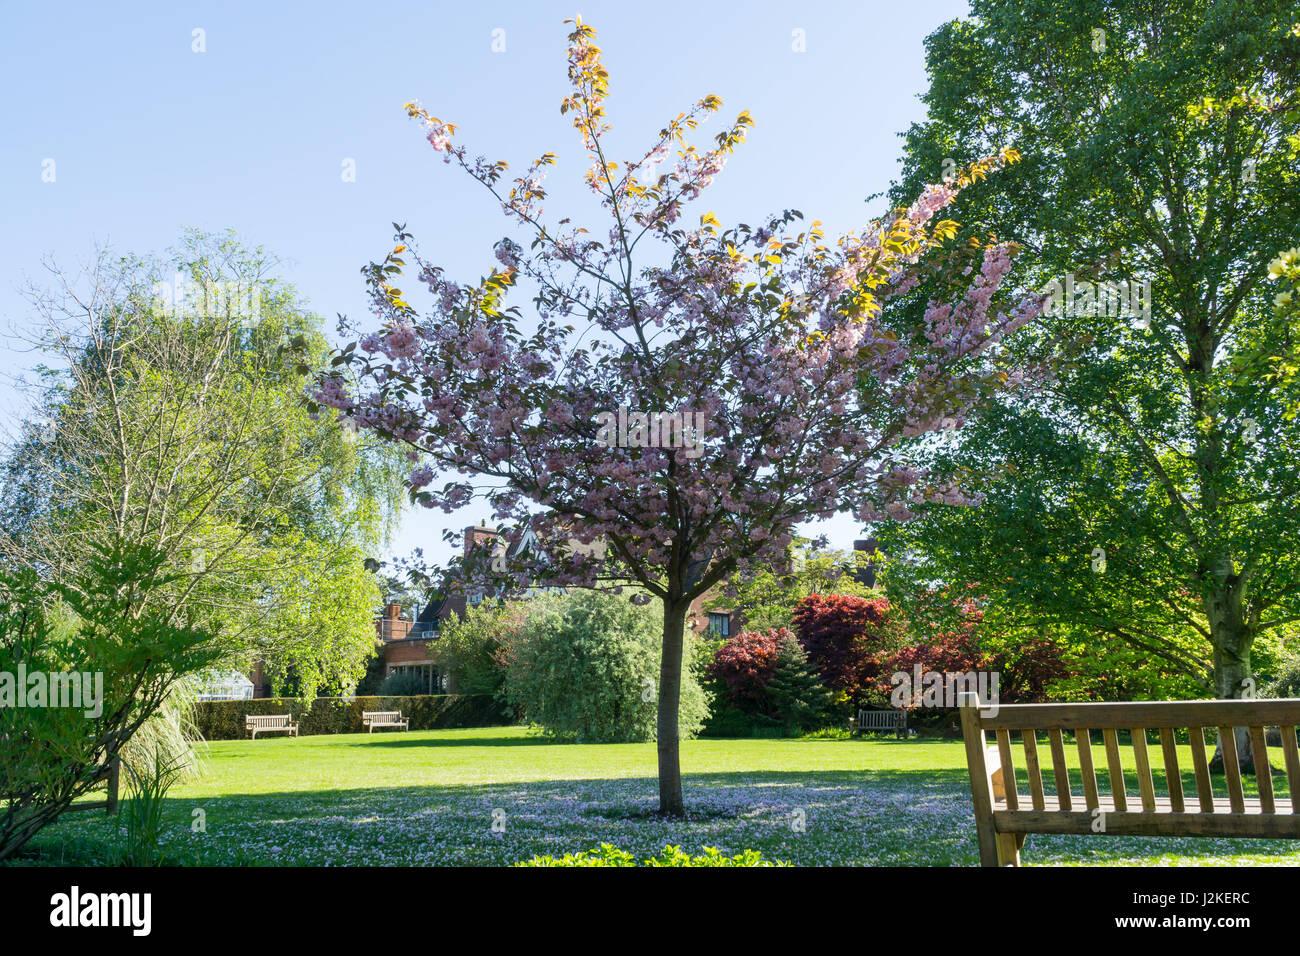 Tree blossom in springtime UK - Stock Image